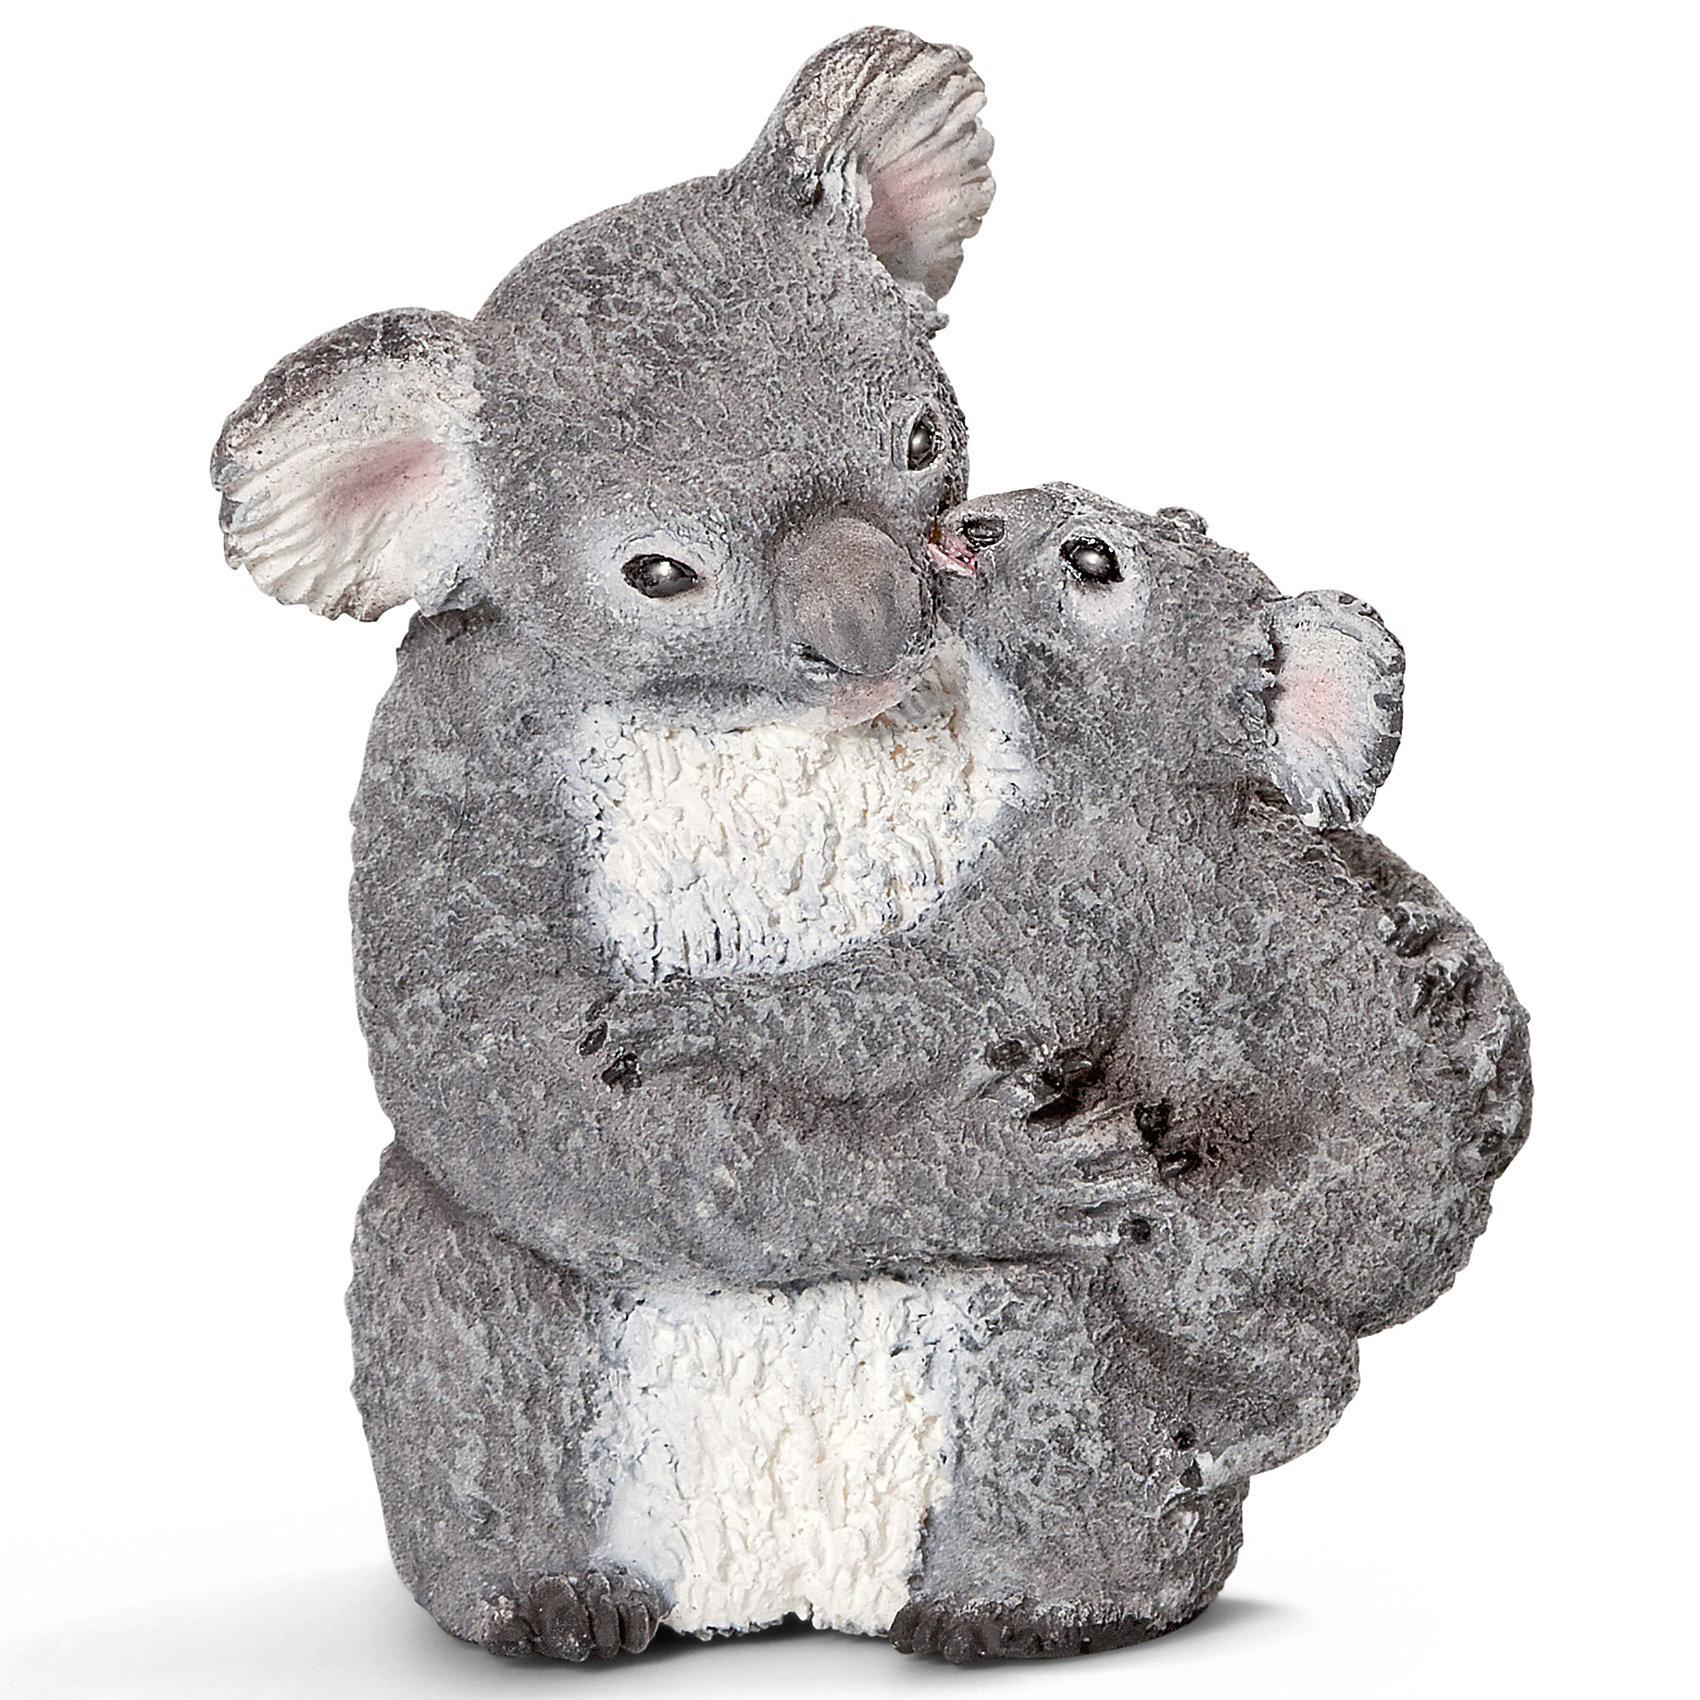 Schleich Коала с детенышем. Серия Дикие животныеМир животных<br>Schleich (Шляйх) Коала с детенышем. Серия Дикие животные. Это очень милое травоядное сумчатое животное, обитающее исключительно в Австралии и являющееся символом страны. Тело покрыто густым серым мехом. Коала проводит всю свою жизнь на кронах эвкалиптовых деревьев. Коала ночное животное, днем оно спит, а ночью ищет себе пропитание.<br><br>Дополнительная информация:<br><br>-материал: высококачественный пластик<br>-фигурка раскрашена вручную<br>-размеры (ДхШхВ): 3х4,5х4 см<br><br>Игрушку Schleich (Шляйх) Коала с детенышем. Серия Дикие животные  можно купить  в нашем магазине<br><br>Ширина мм: 55<br>Глубина мм: 40<br>Высота мм: 32<br>Вес г: 21<br>Возраст от месяцев: 36<br>Возраст до месяцев: 96<br>Пол: Унисекс<br>Возраст: Детский<br>SKU: 2609253